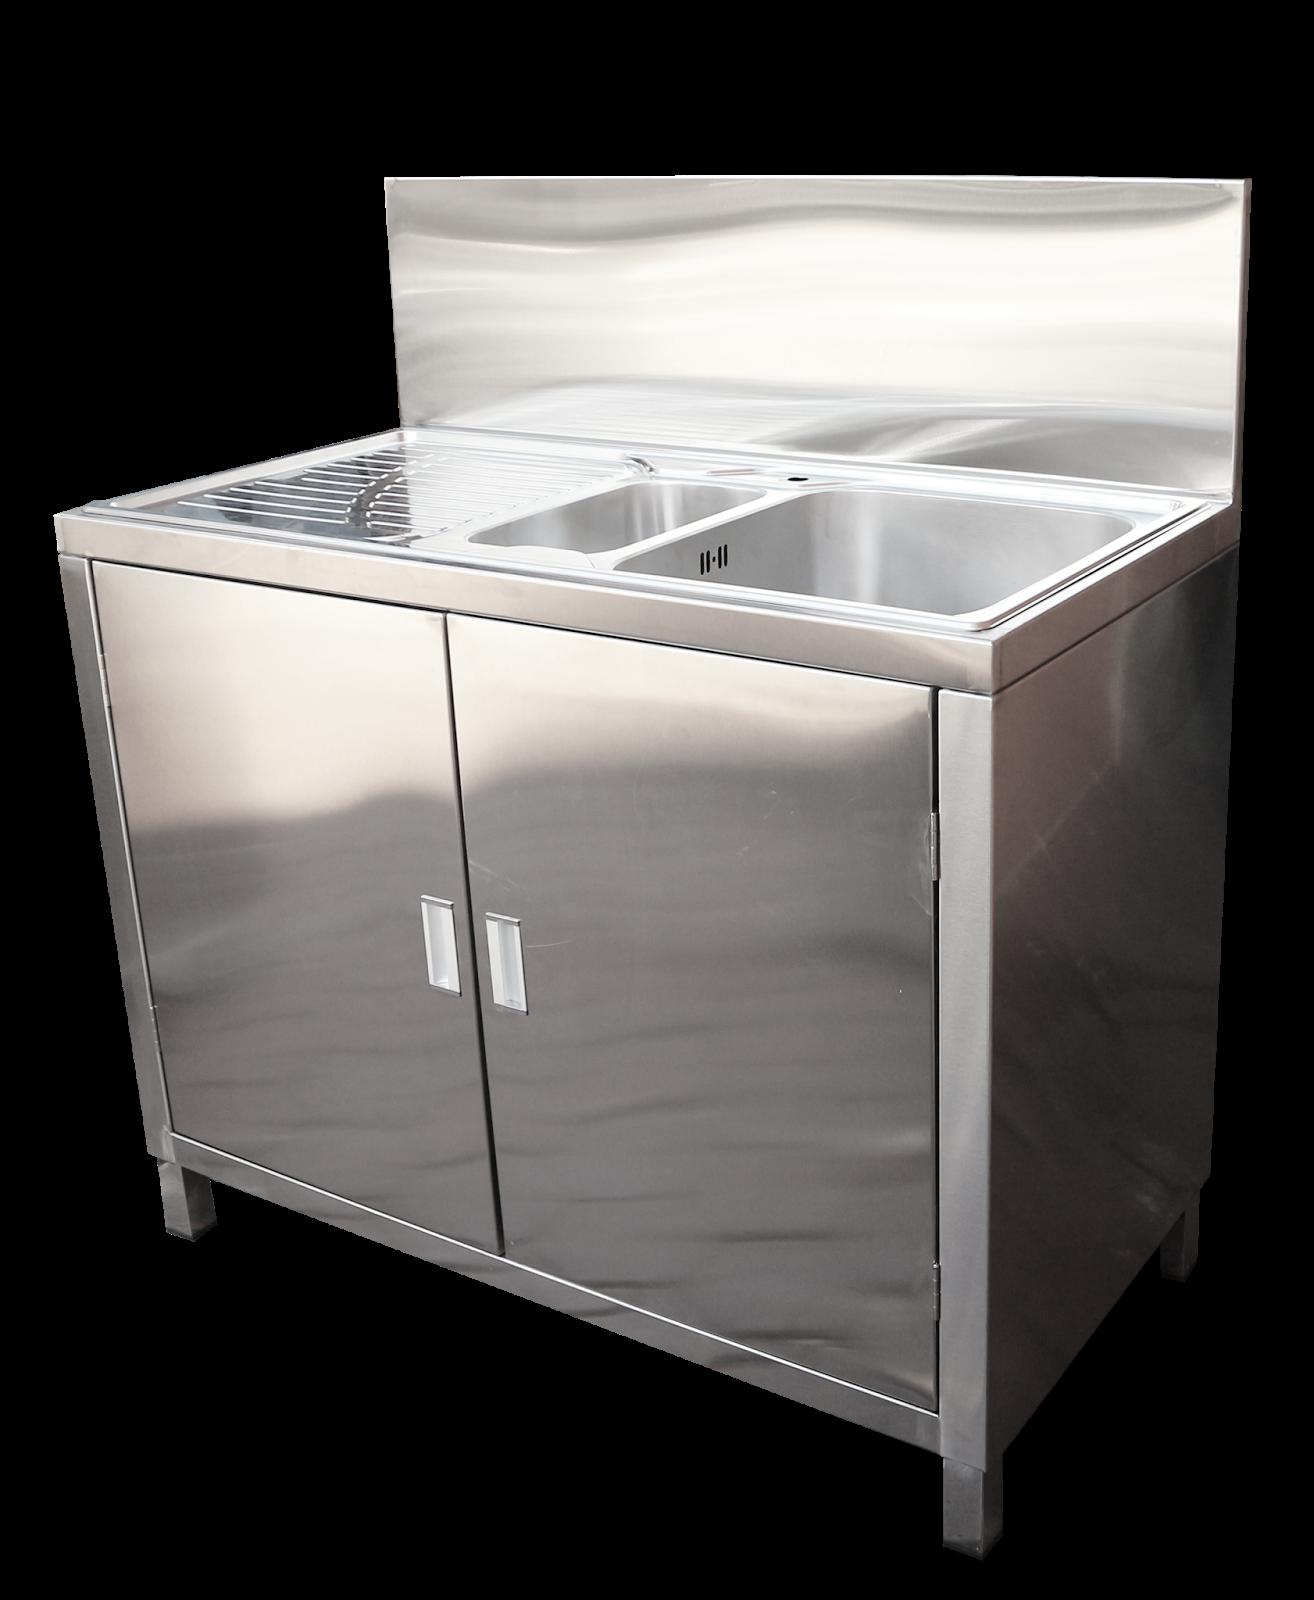 Kitchen Set Ukuran 1 Meter: Harga Kitchen Set Stainless Per Meter